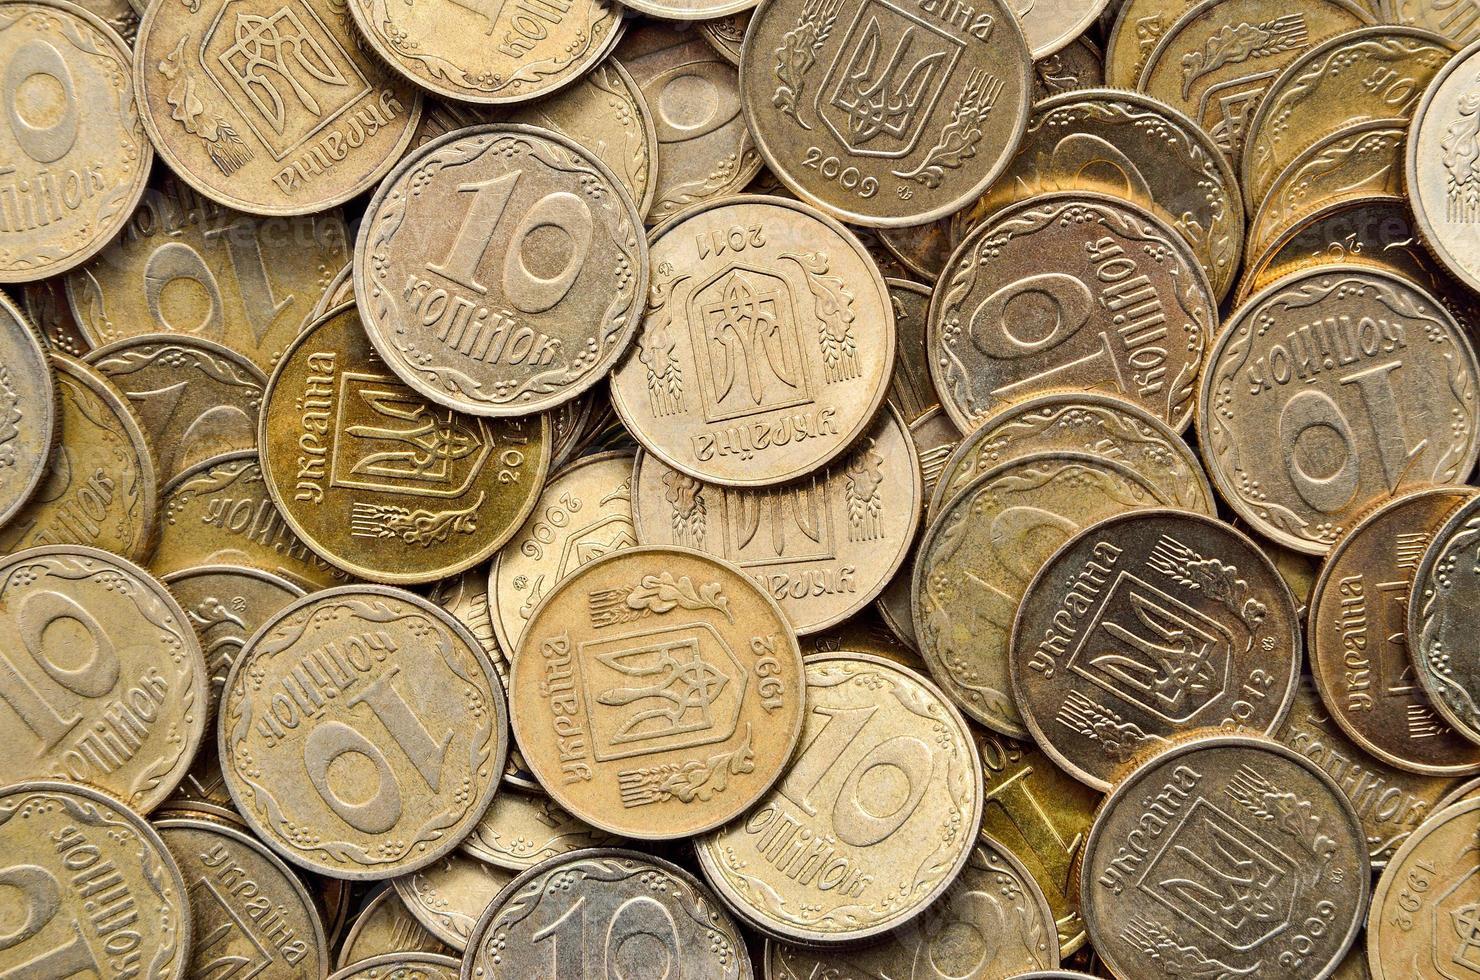 molte monete lucide di metallo giallo foto